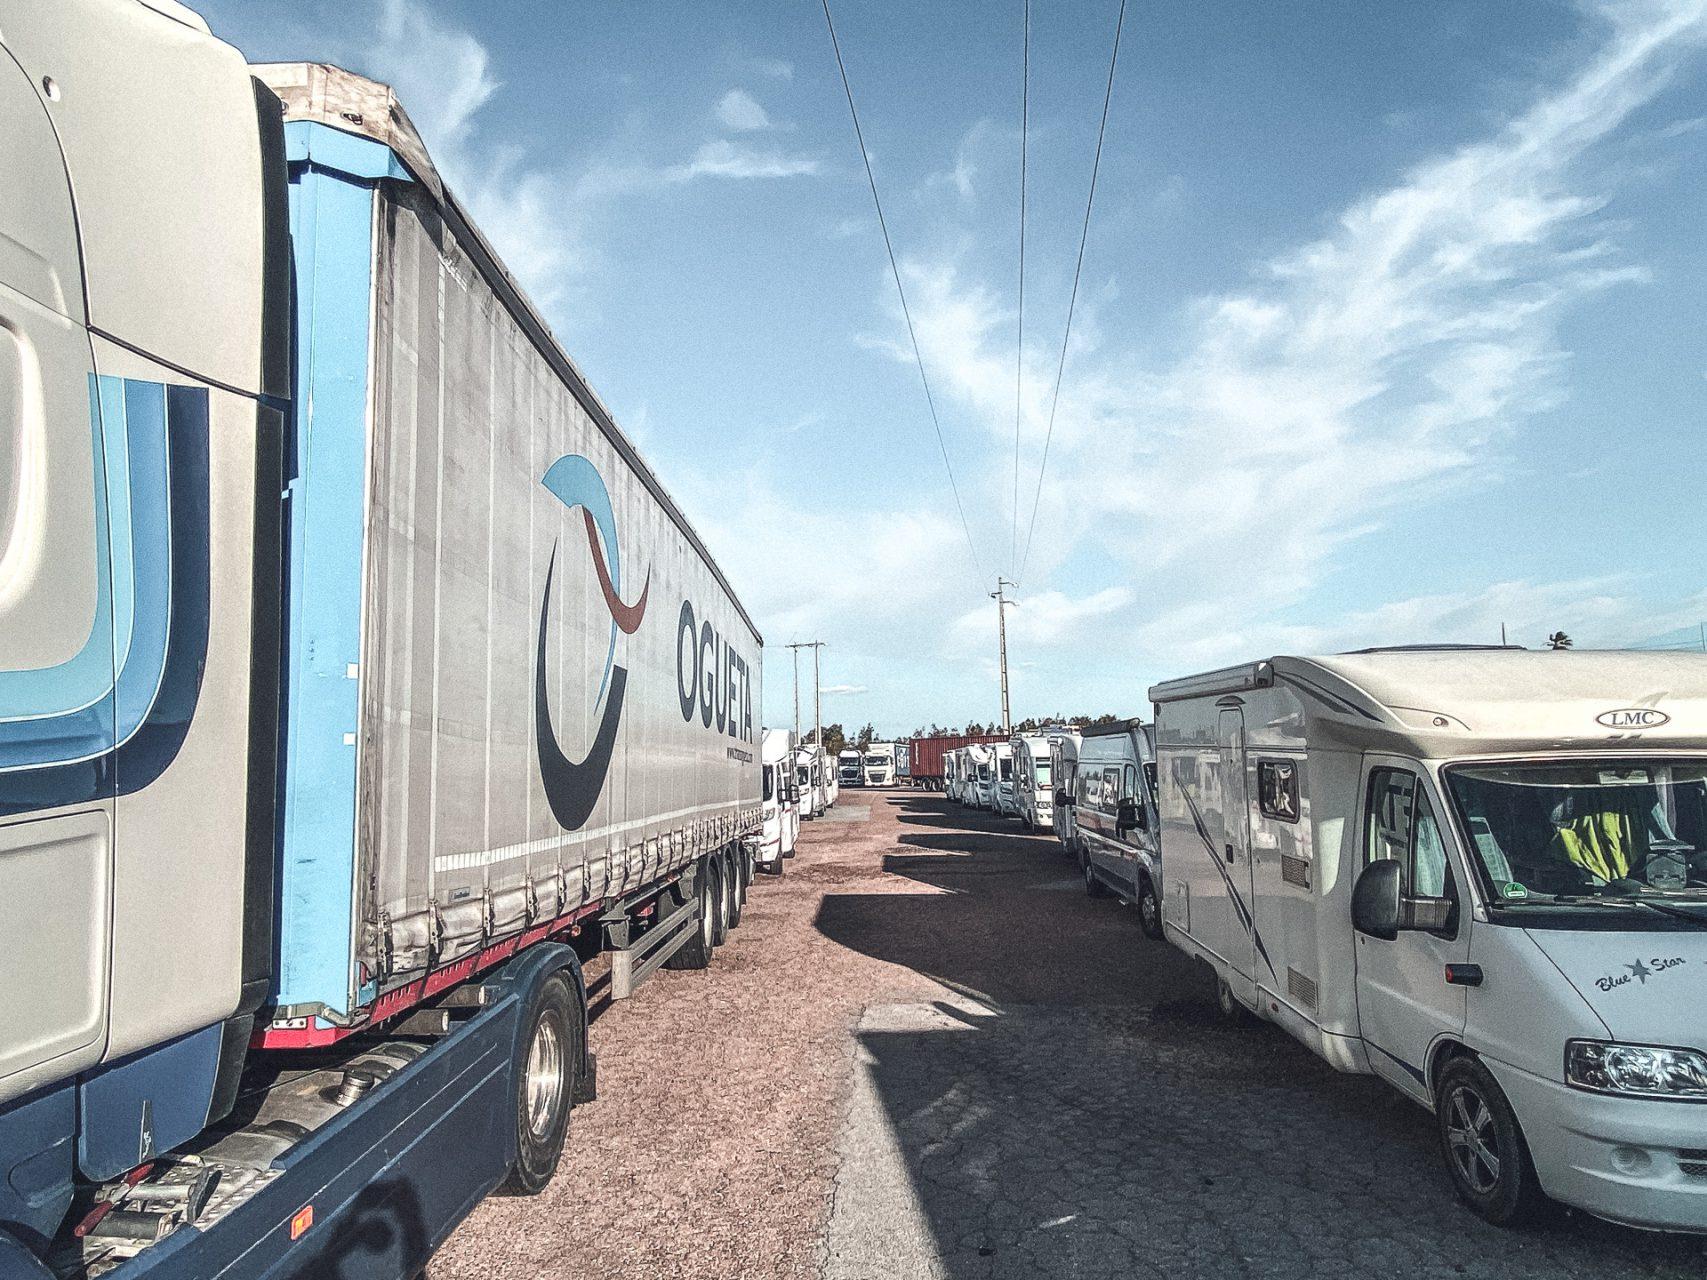 Gestrandete Camper an der Grenze zu Spanien